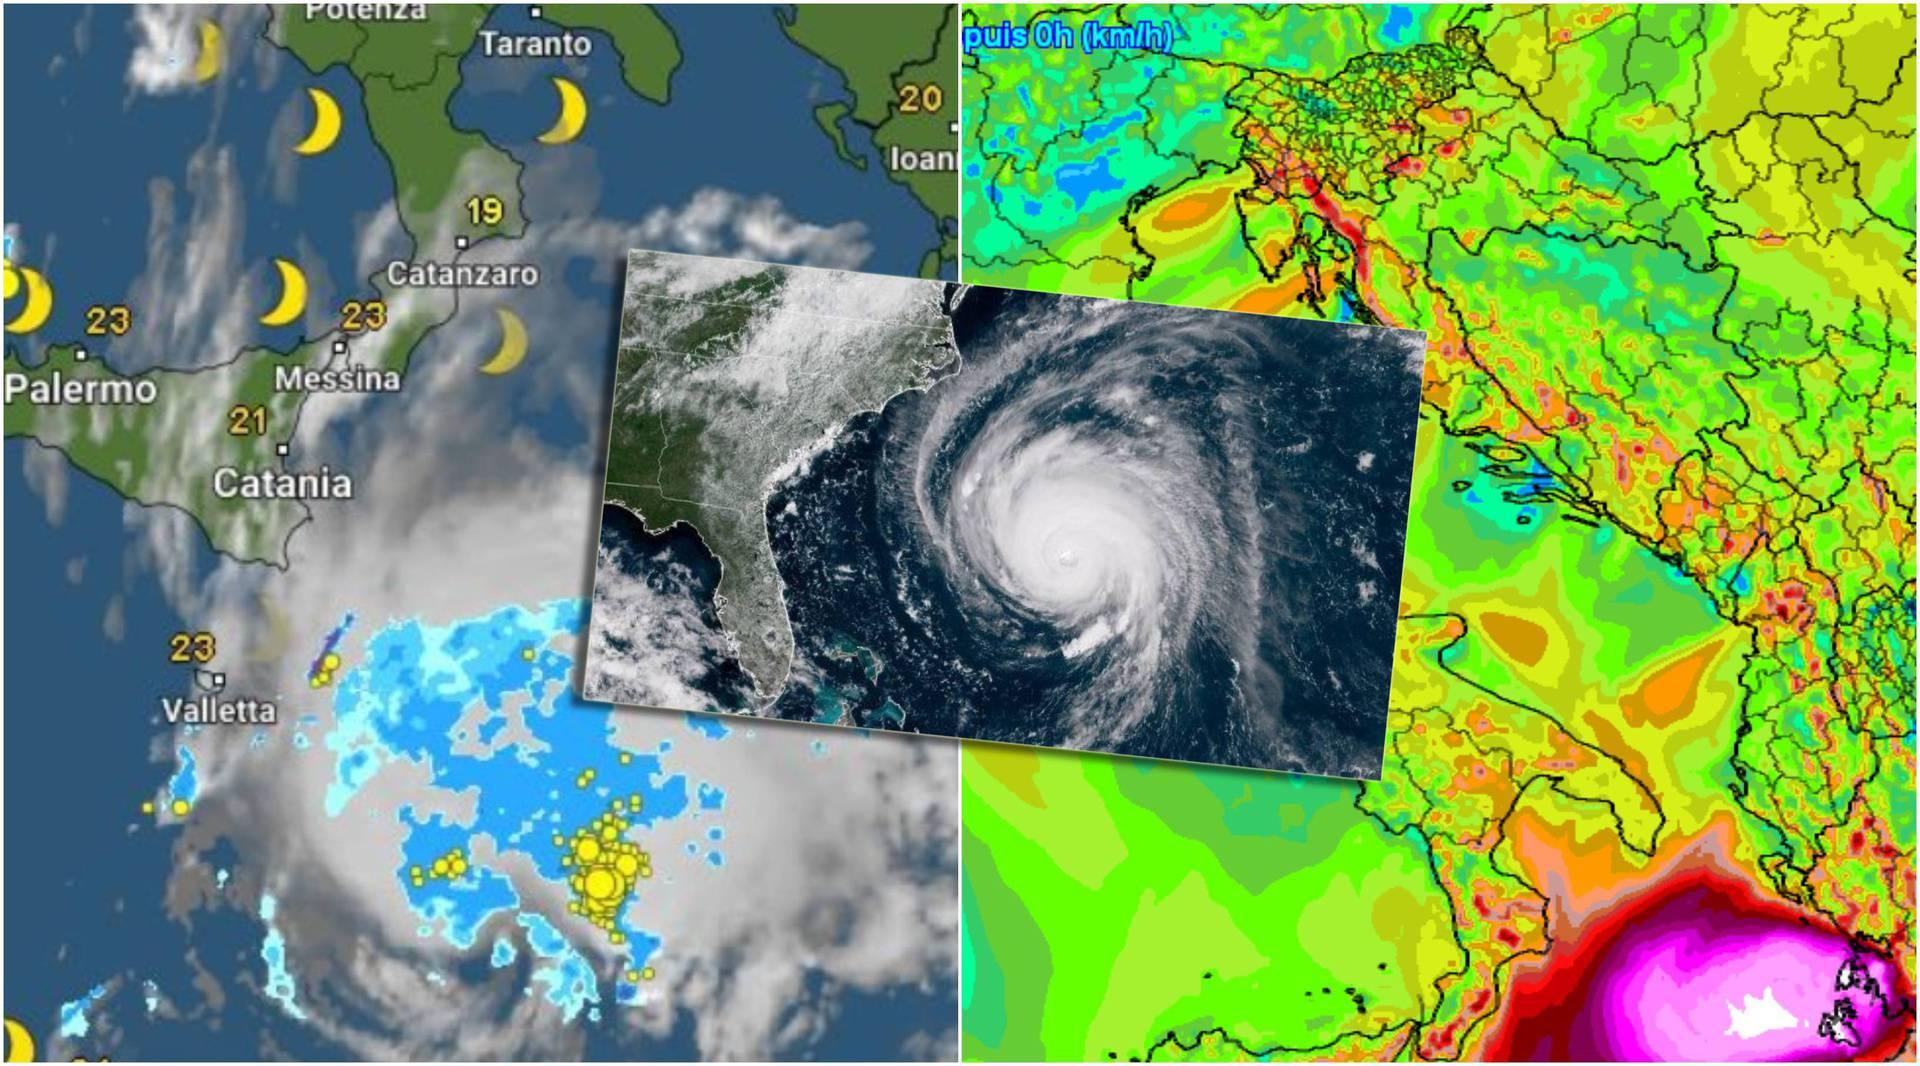 Dolazi Medicane: Mediteranski uragan donosi vjetrove i do 200 km/h, na udaru je Grčka